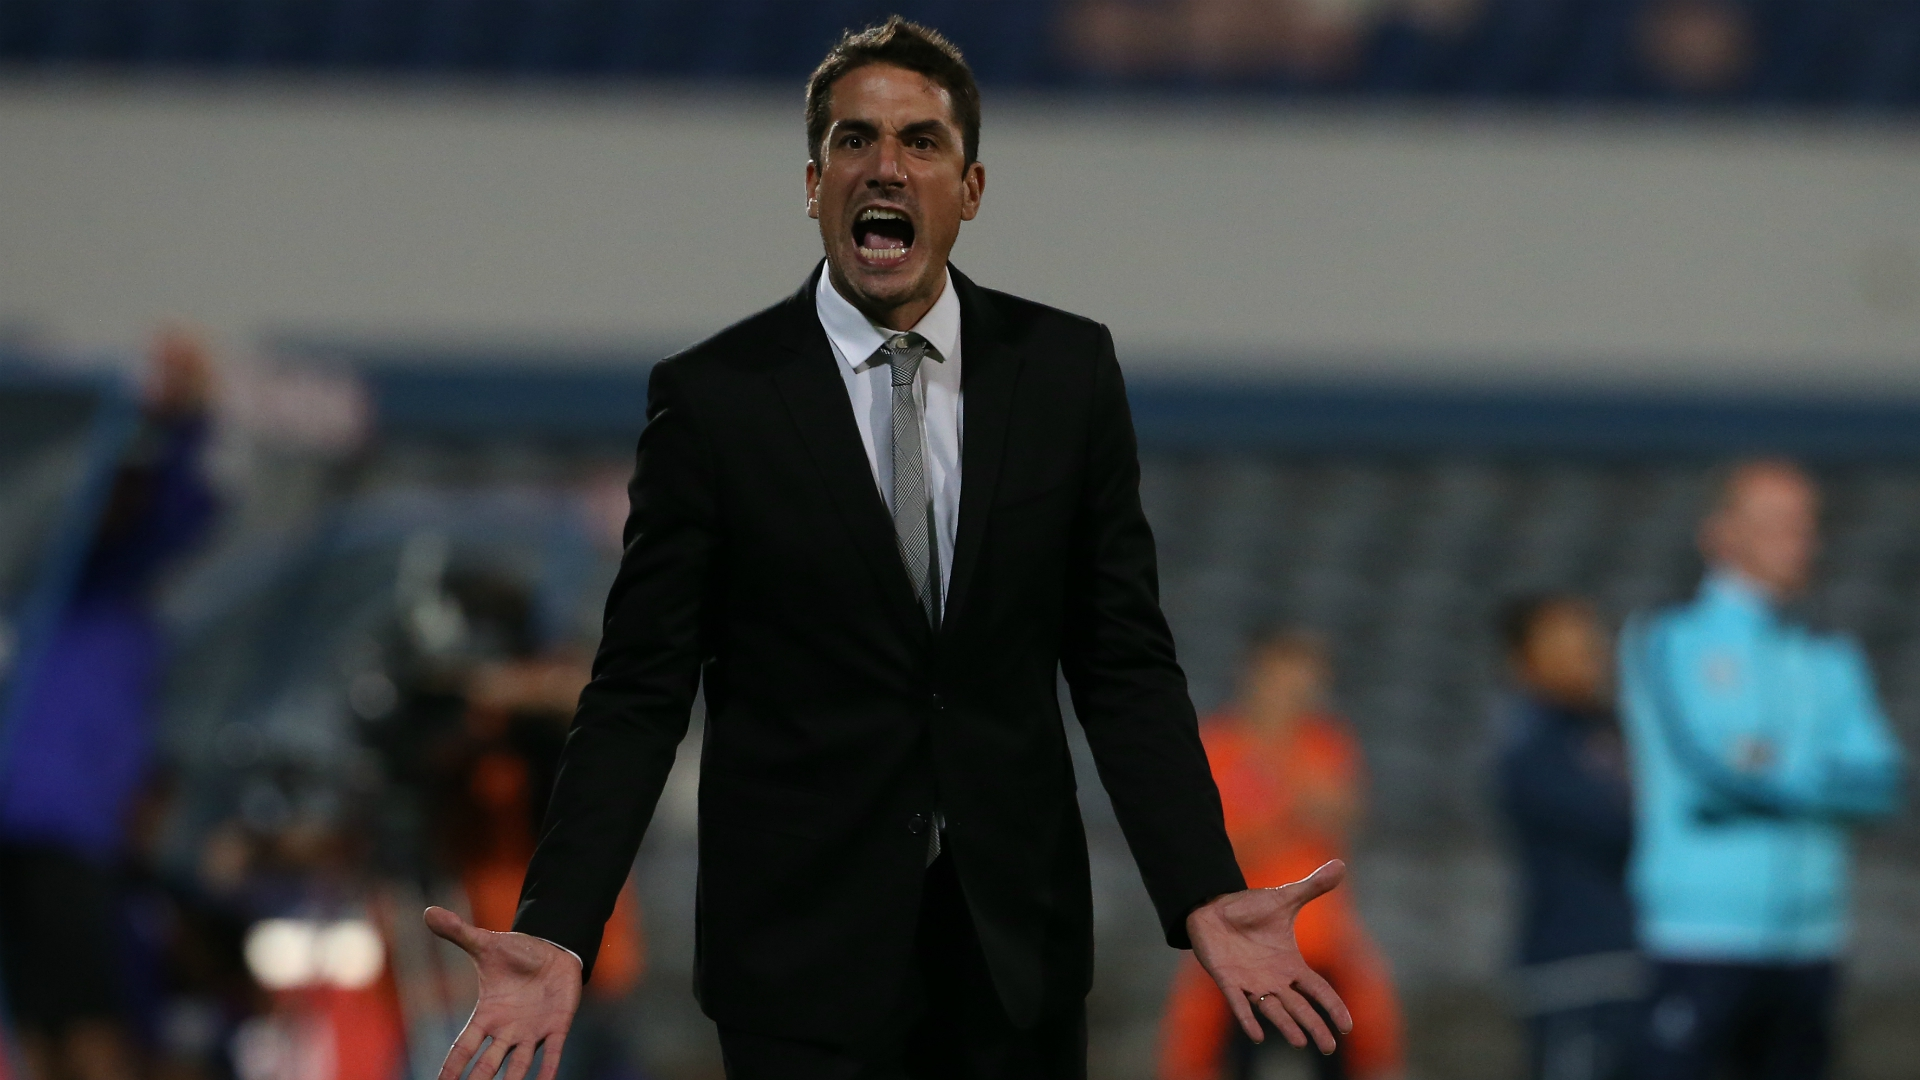 L'Udinese parlerà spagnolo: Velazquez nuovo allenatore